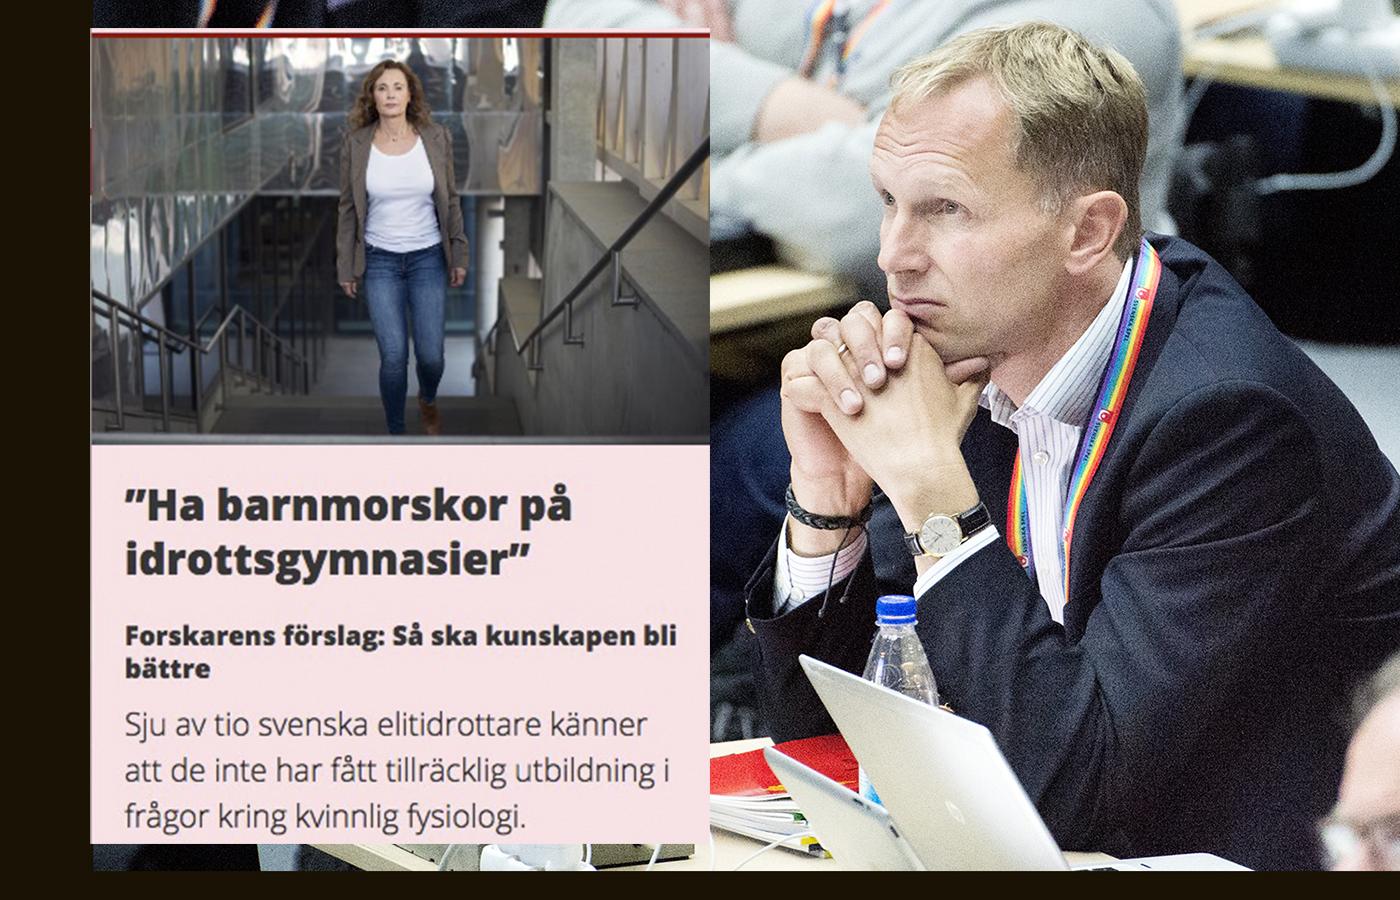 150529 Riksidrottsförbundets chef för Idrottsavdelning Peter Mattsson under dag 1 av Riksidrottsmötet den 29 maj 2015 i Helsingborg.  Foto: LUDVIG THUNMAN / BILDBYRÅN / kod LT / 35083